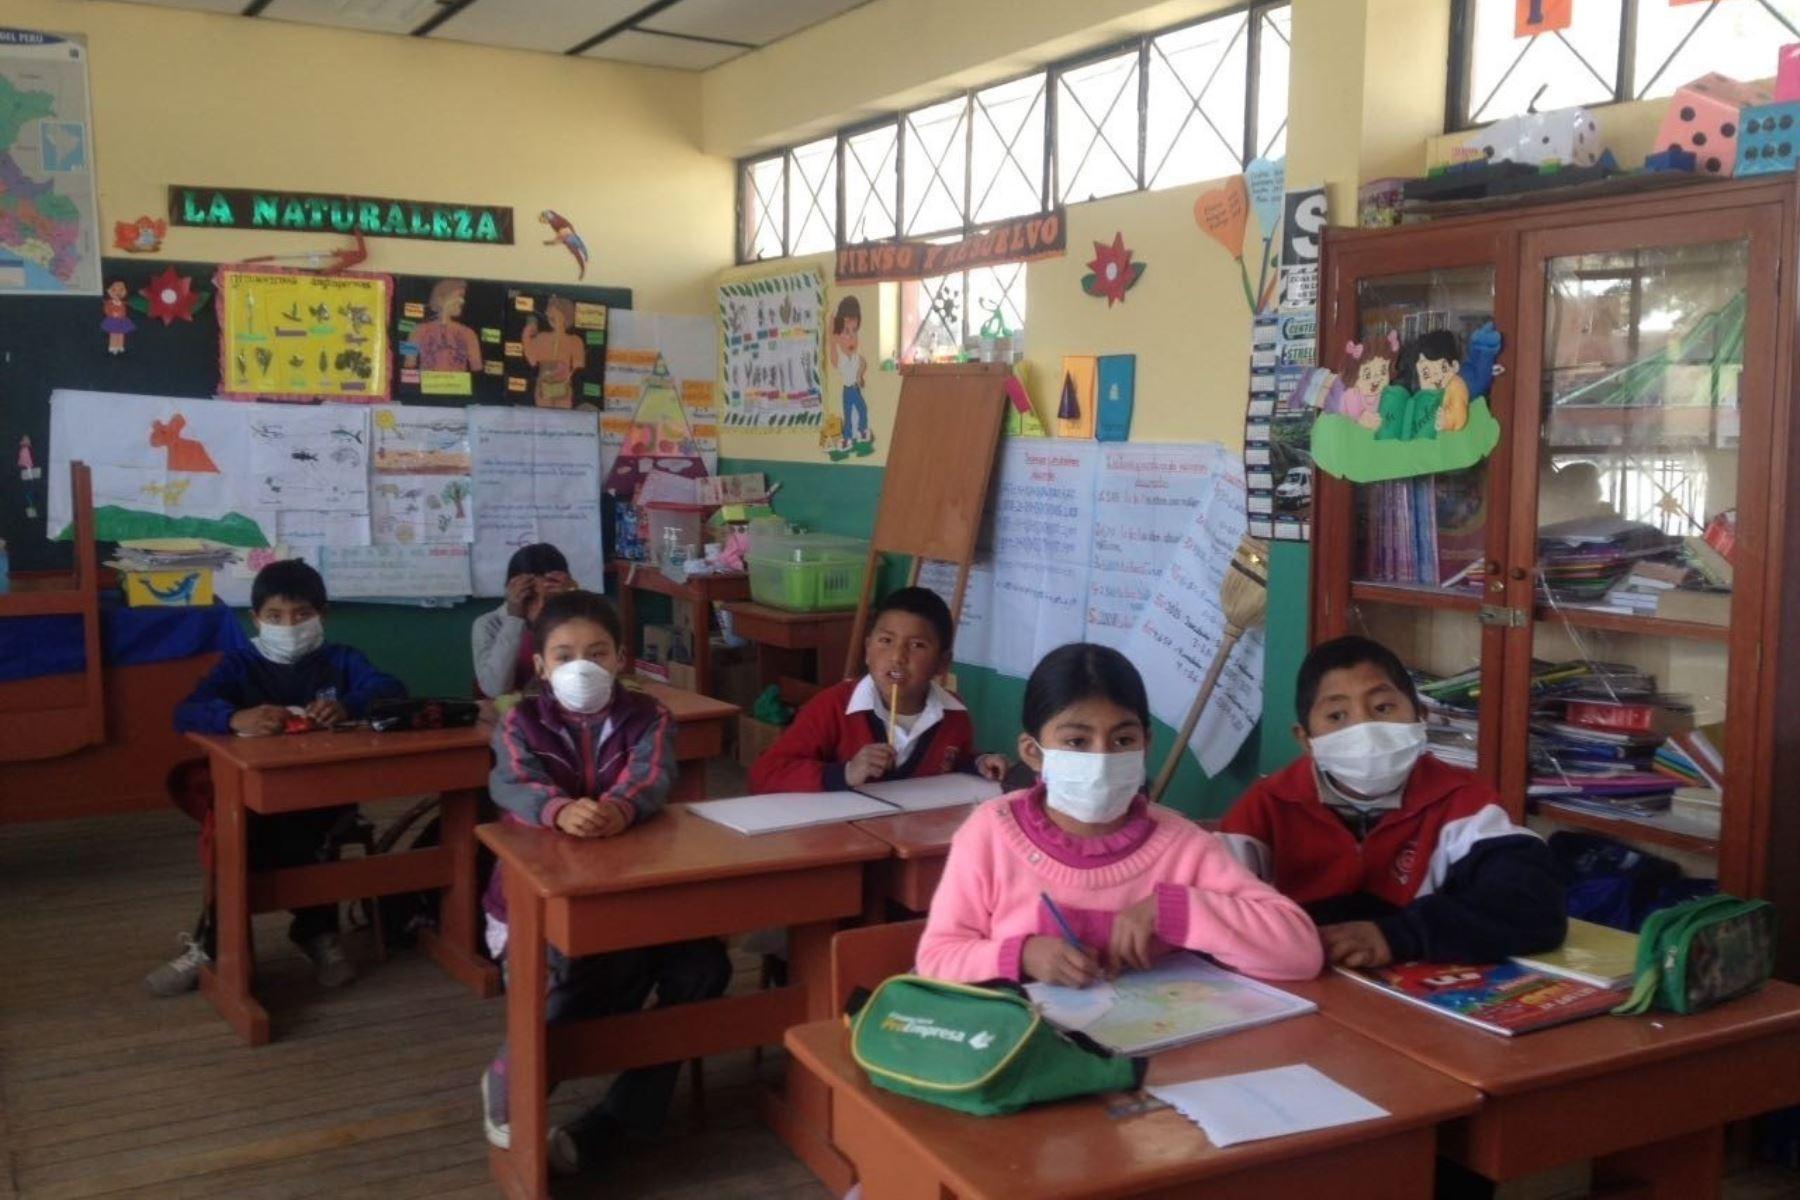 Suspenden clases en los colegios ubicados cerca del volcán Ubinas, ubicado en Moquegua, por explosiones y expulsión de cenizas que registró este macizo. ANDINA/archivo